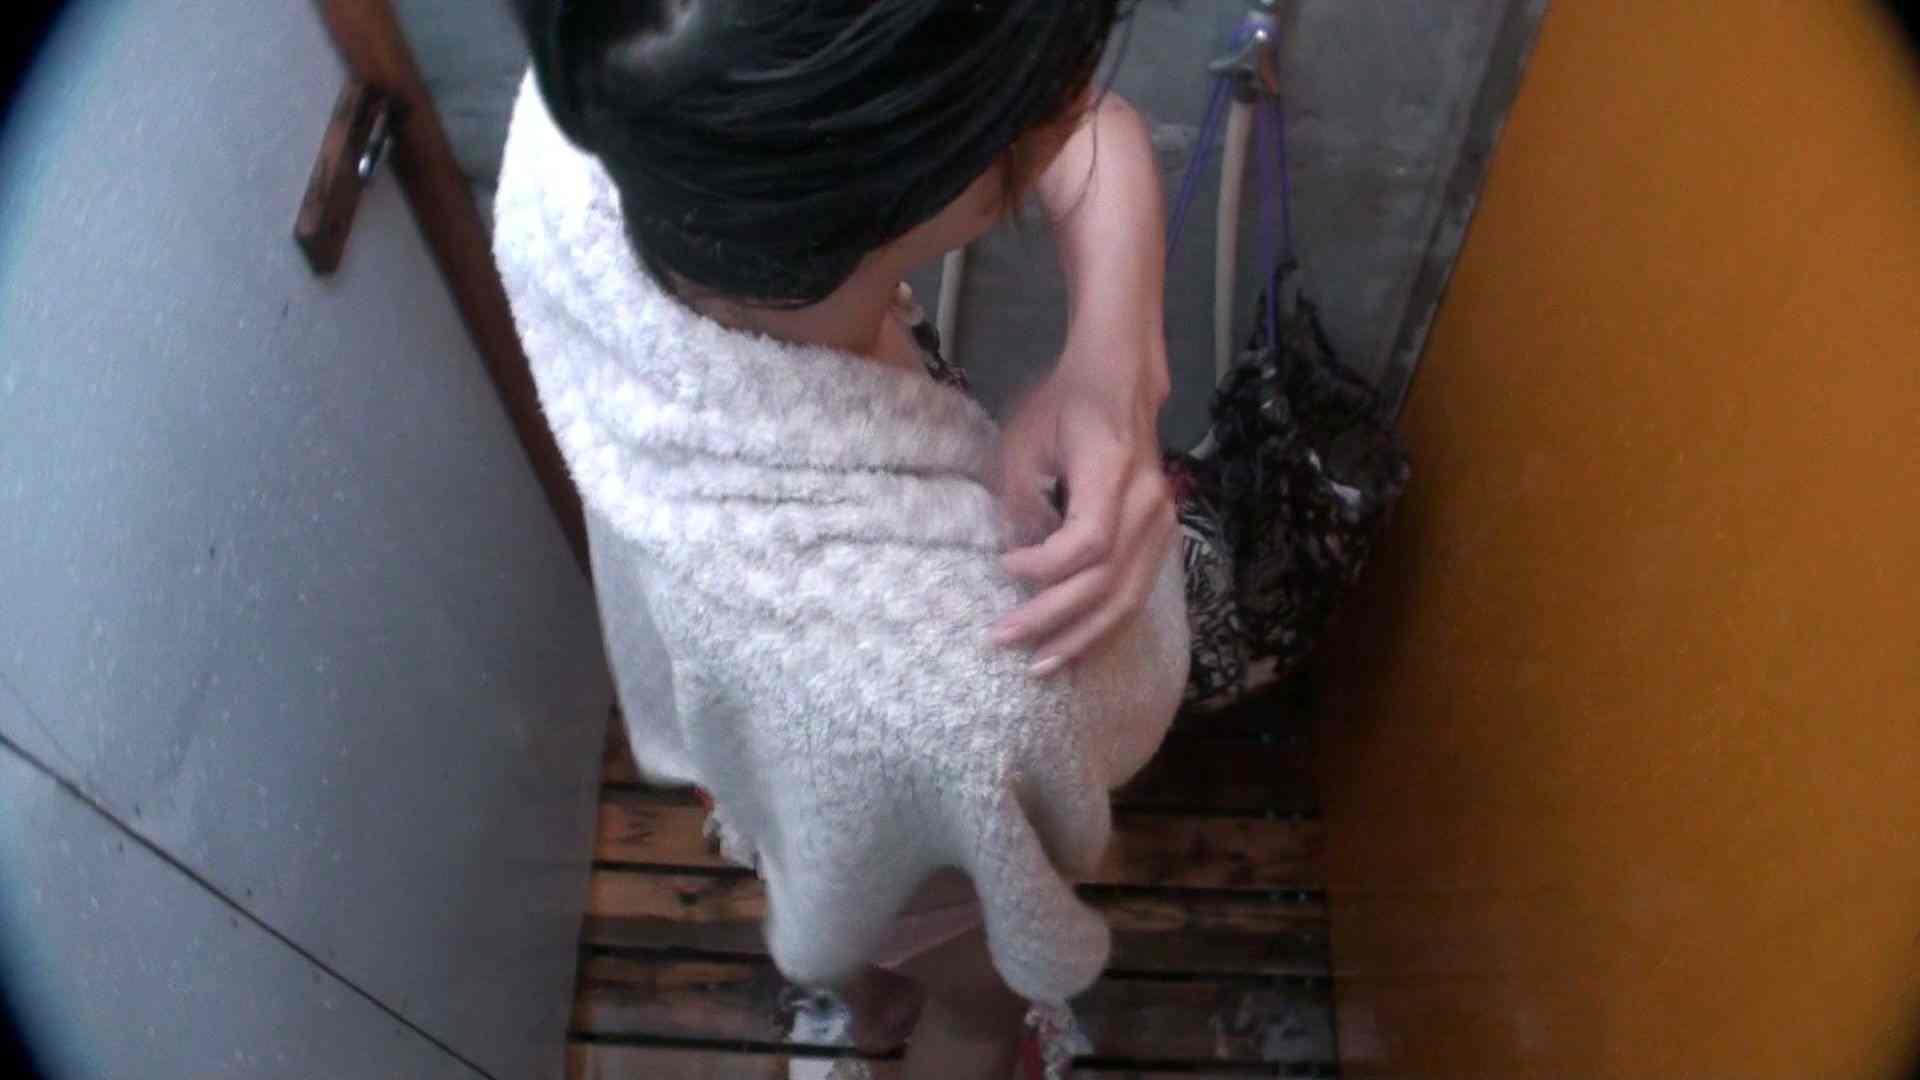 シャワールームは超!!危険な香りVol.21 オメメぱっちり貧乳ギャル鼻くそほじっても可愛いです 0   0  94画像 69